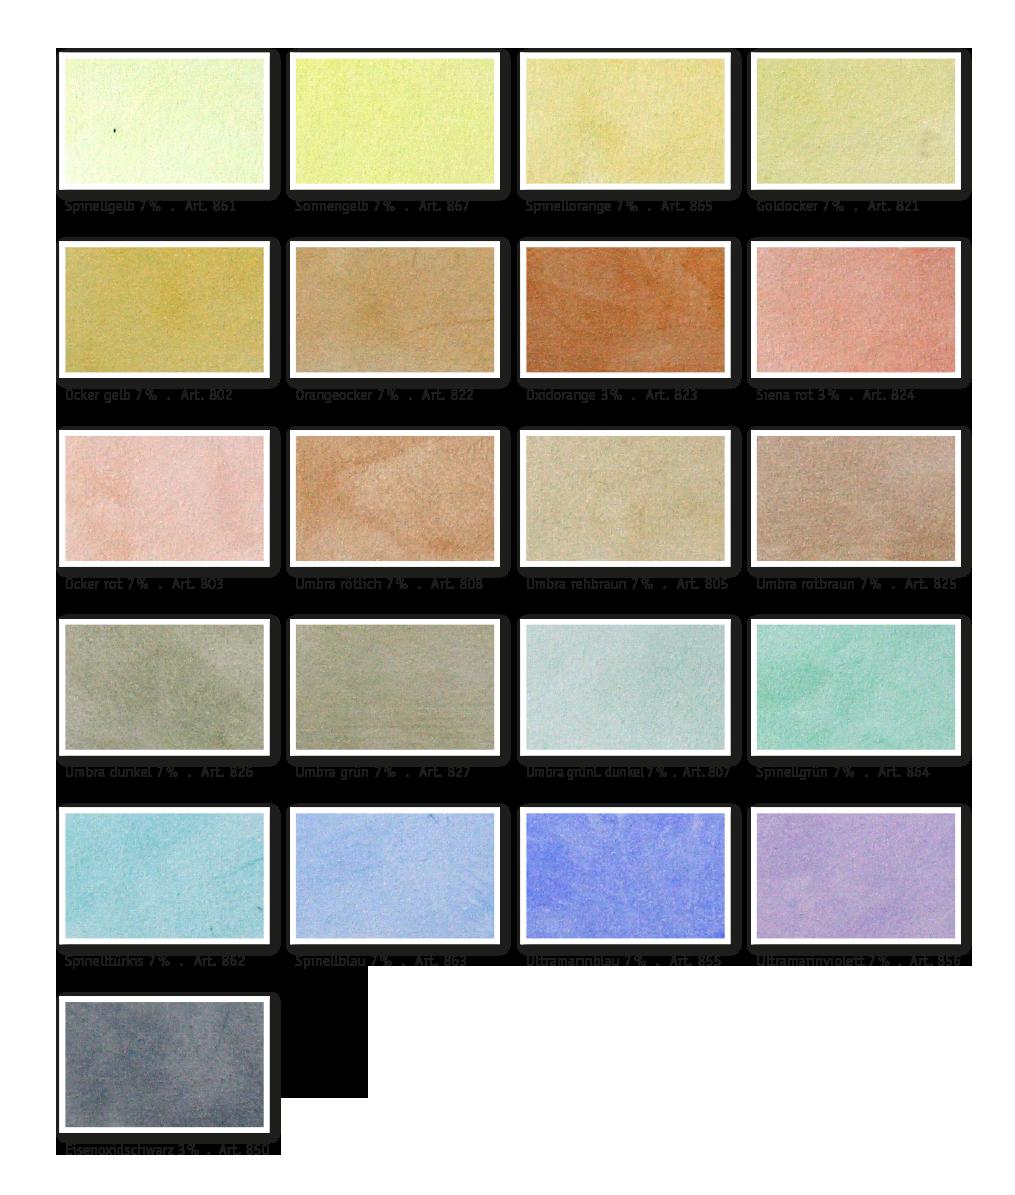 Wall Glaze Binder Kreidezeit Naturfarben Gmbh